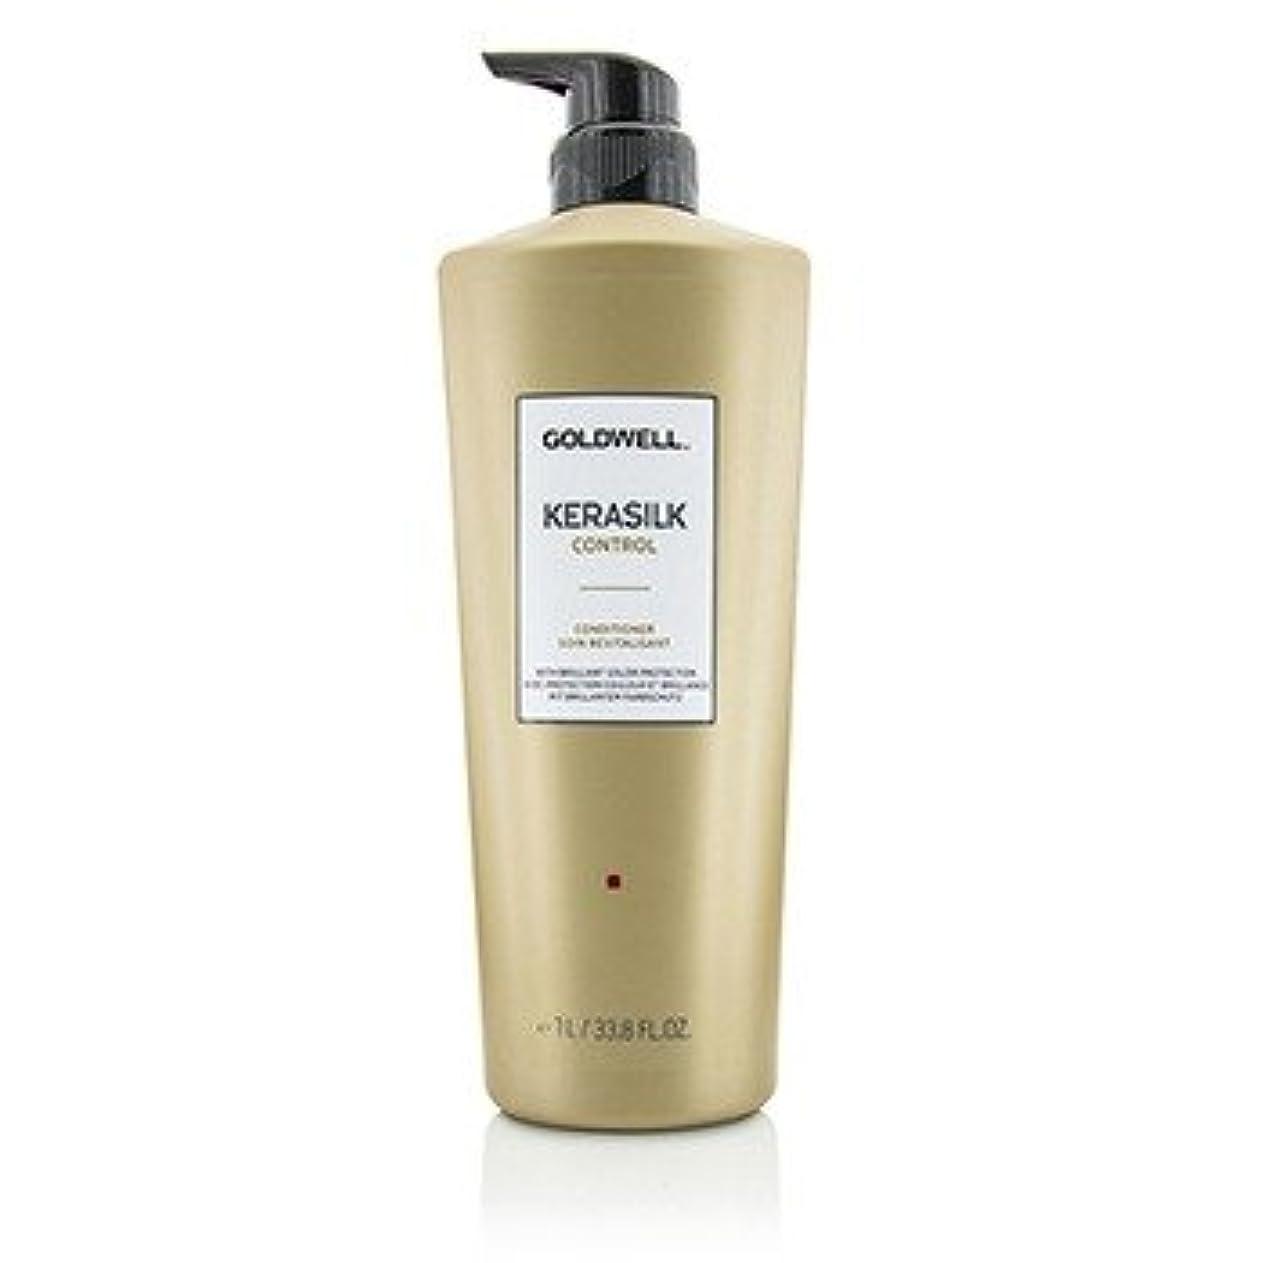 罪悪感人類節約[Goldwell] Kerasilk Control Conditioner (For Unmanageable Unruly and Frizzy Hair) 200ml/6.7oz